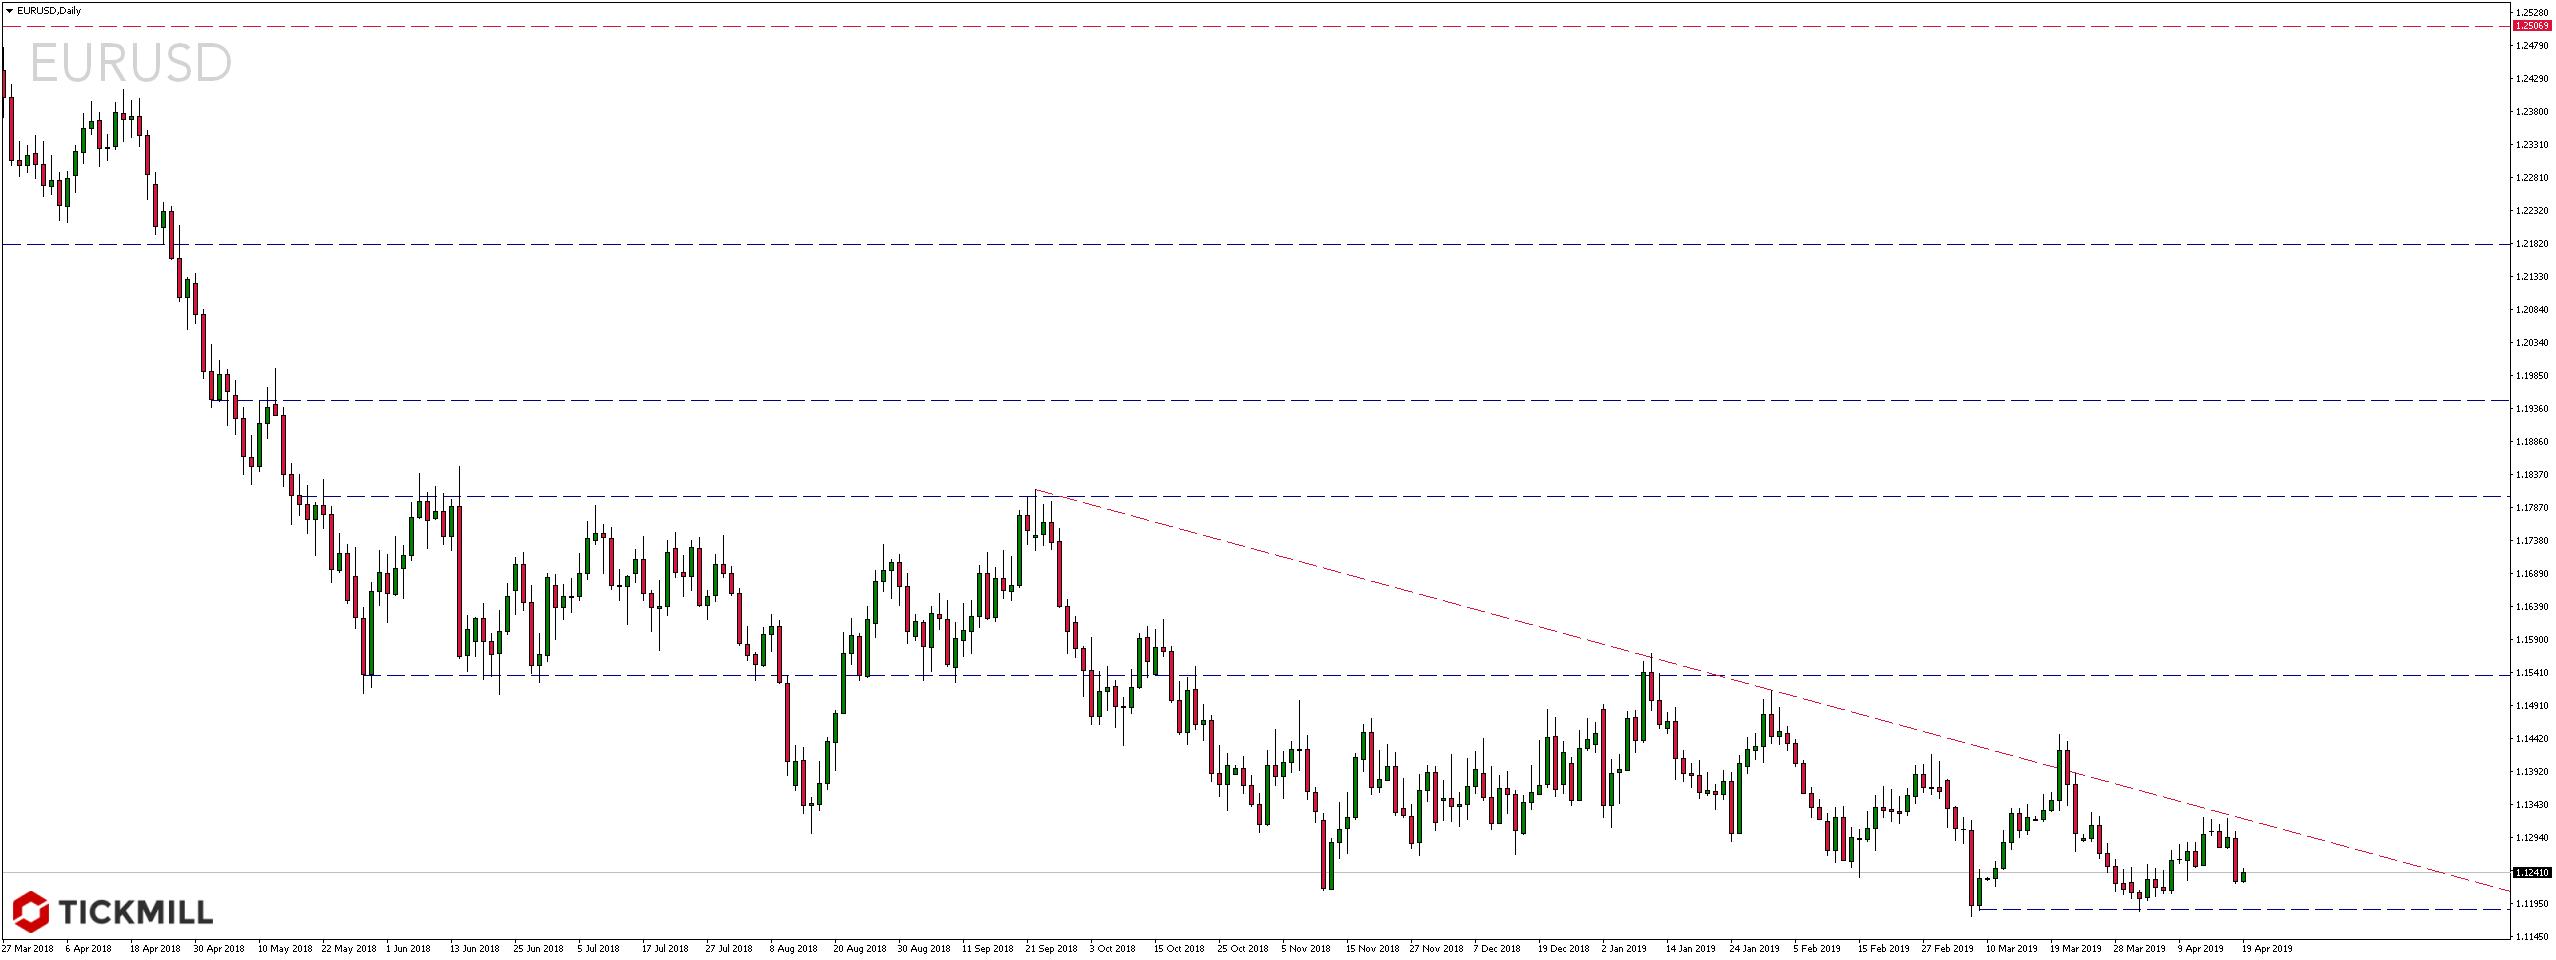 Kurs pary walutowej EURUSD w sobotę - 20 kwietnia 2019 roku